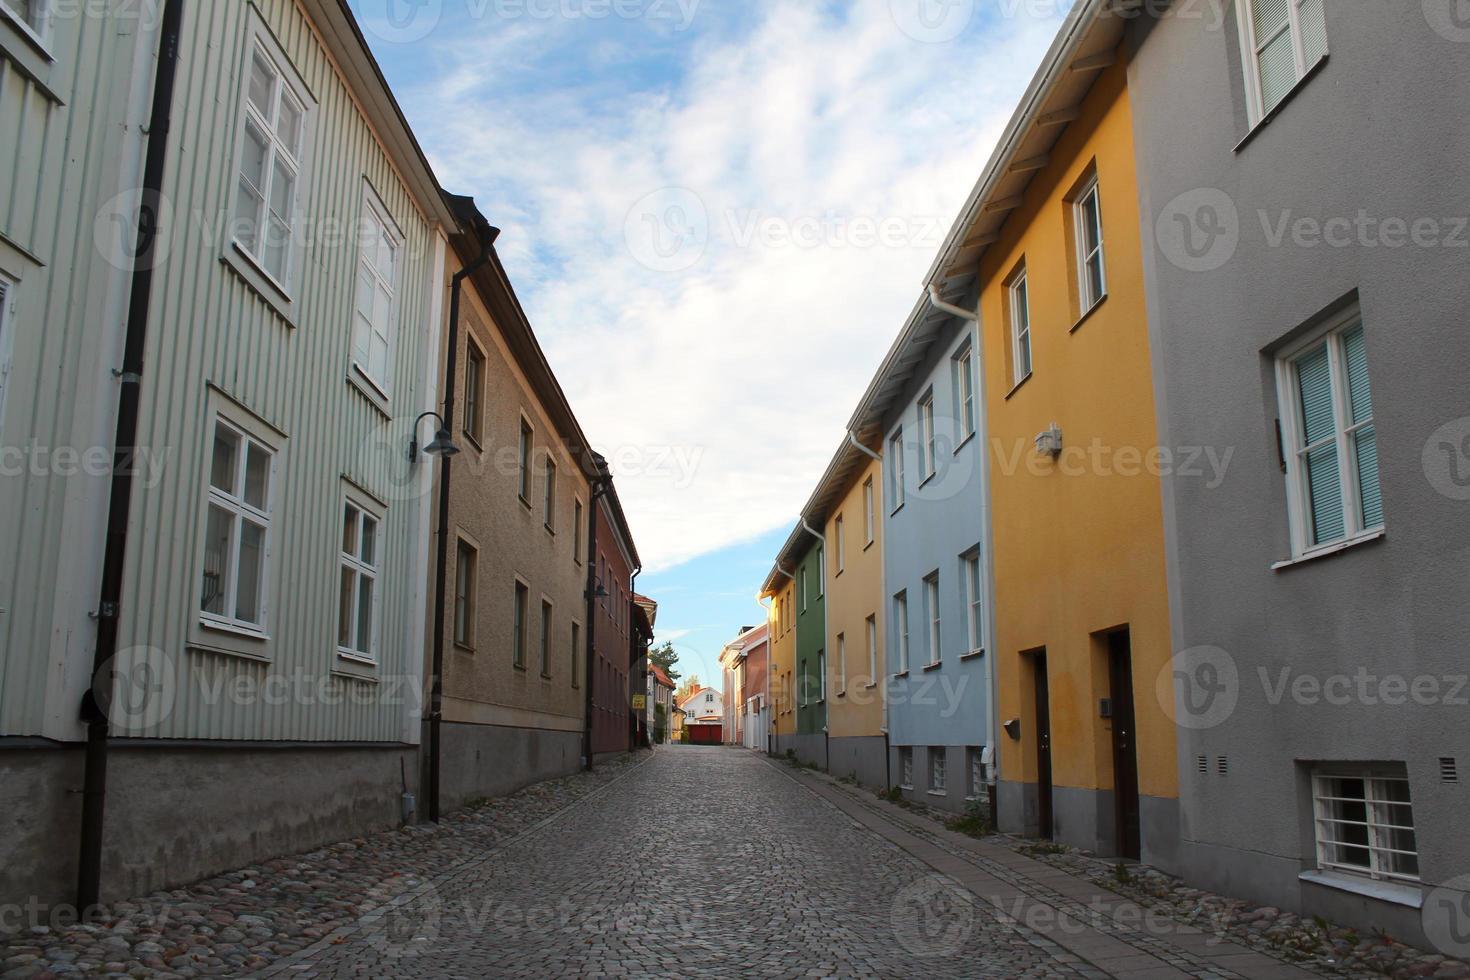 bunte Häuser in Reihe in der Altstadt foto